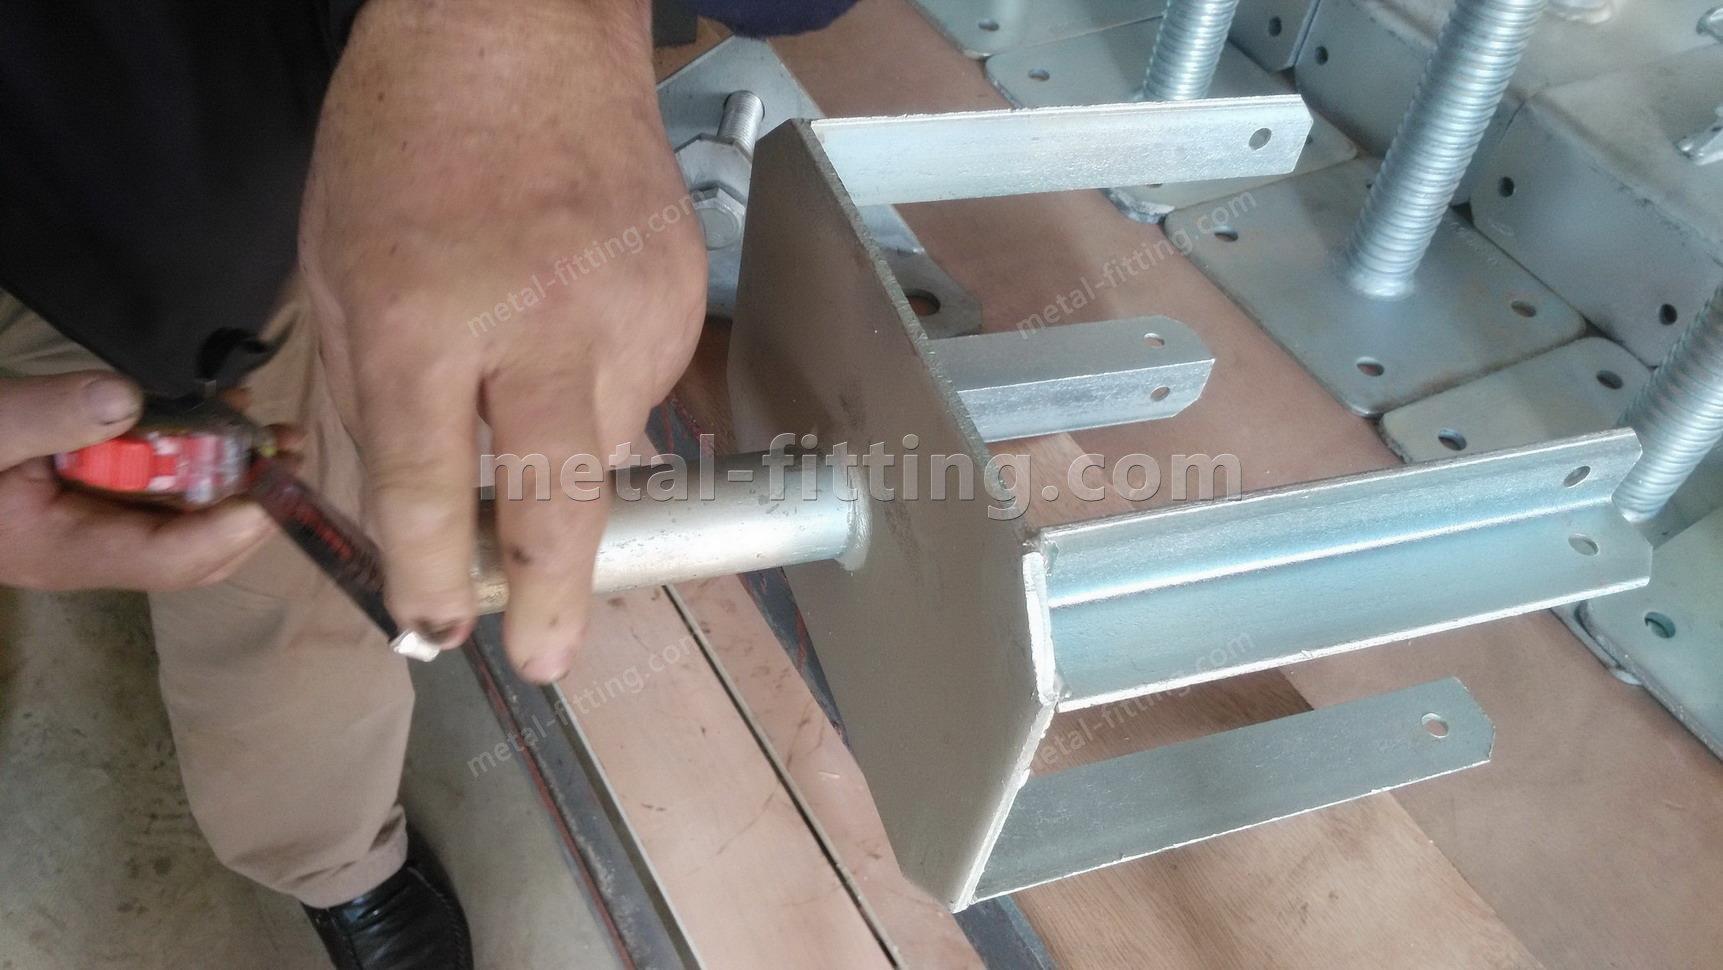 scaffolding standards jack base,scaffolding,scaffold part-scaffold part